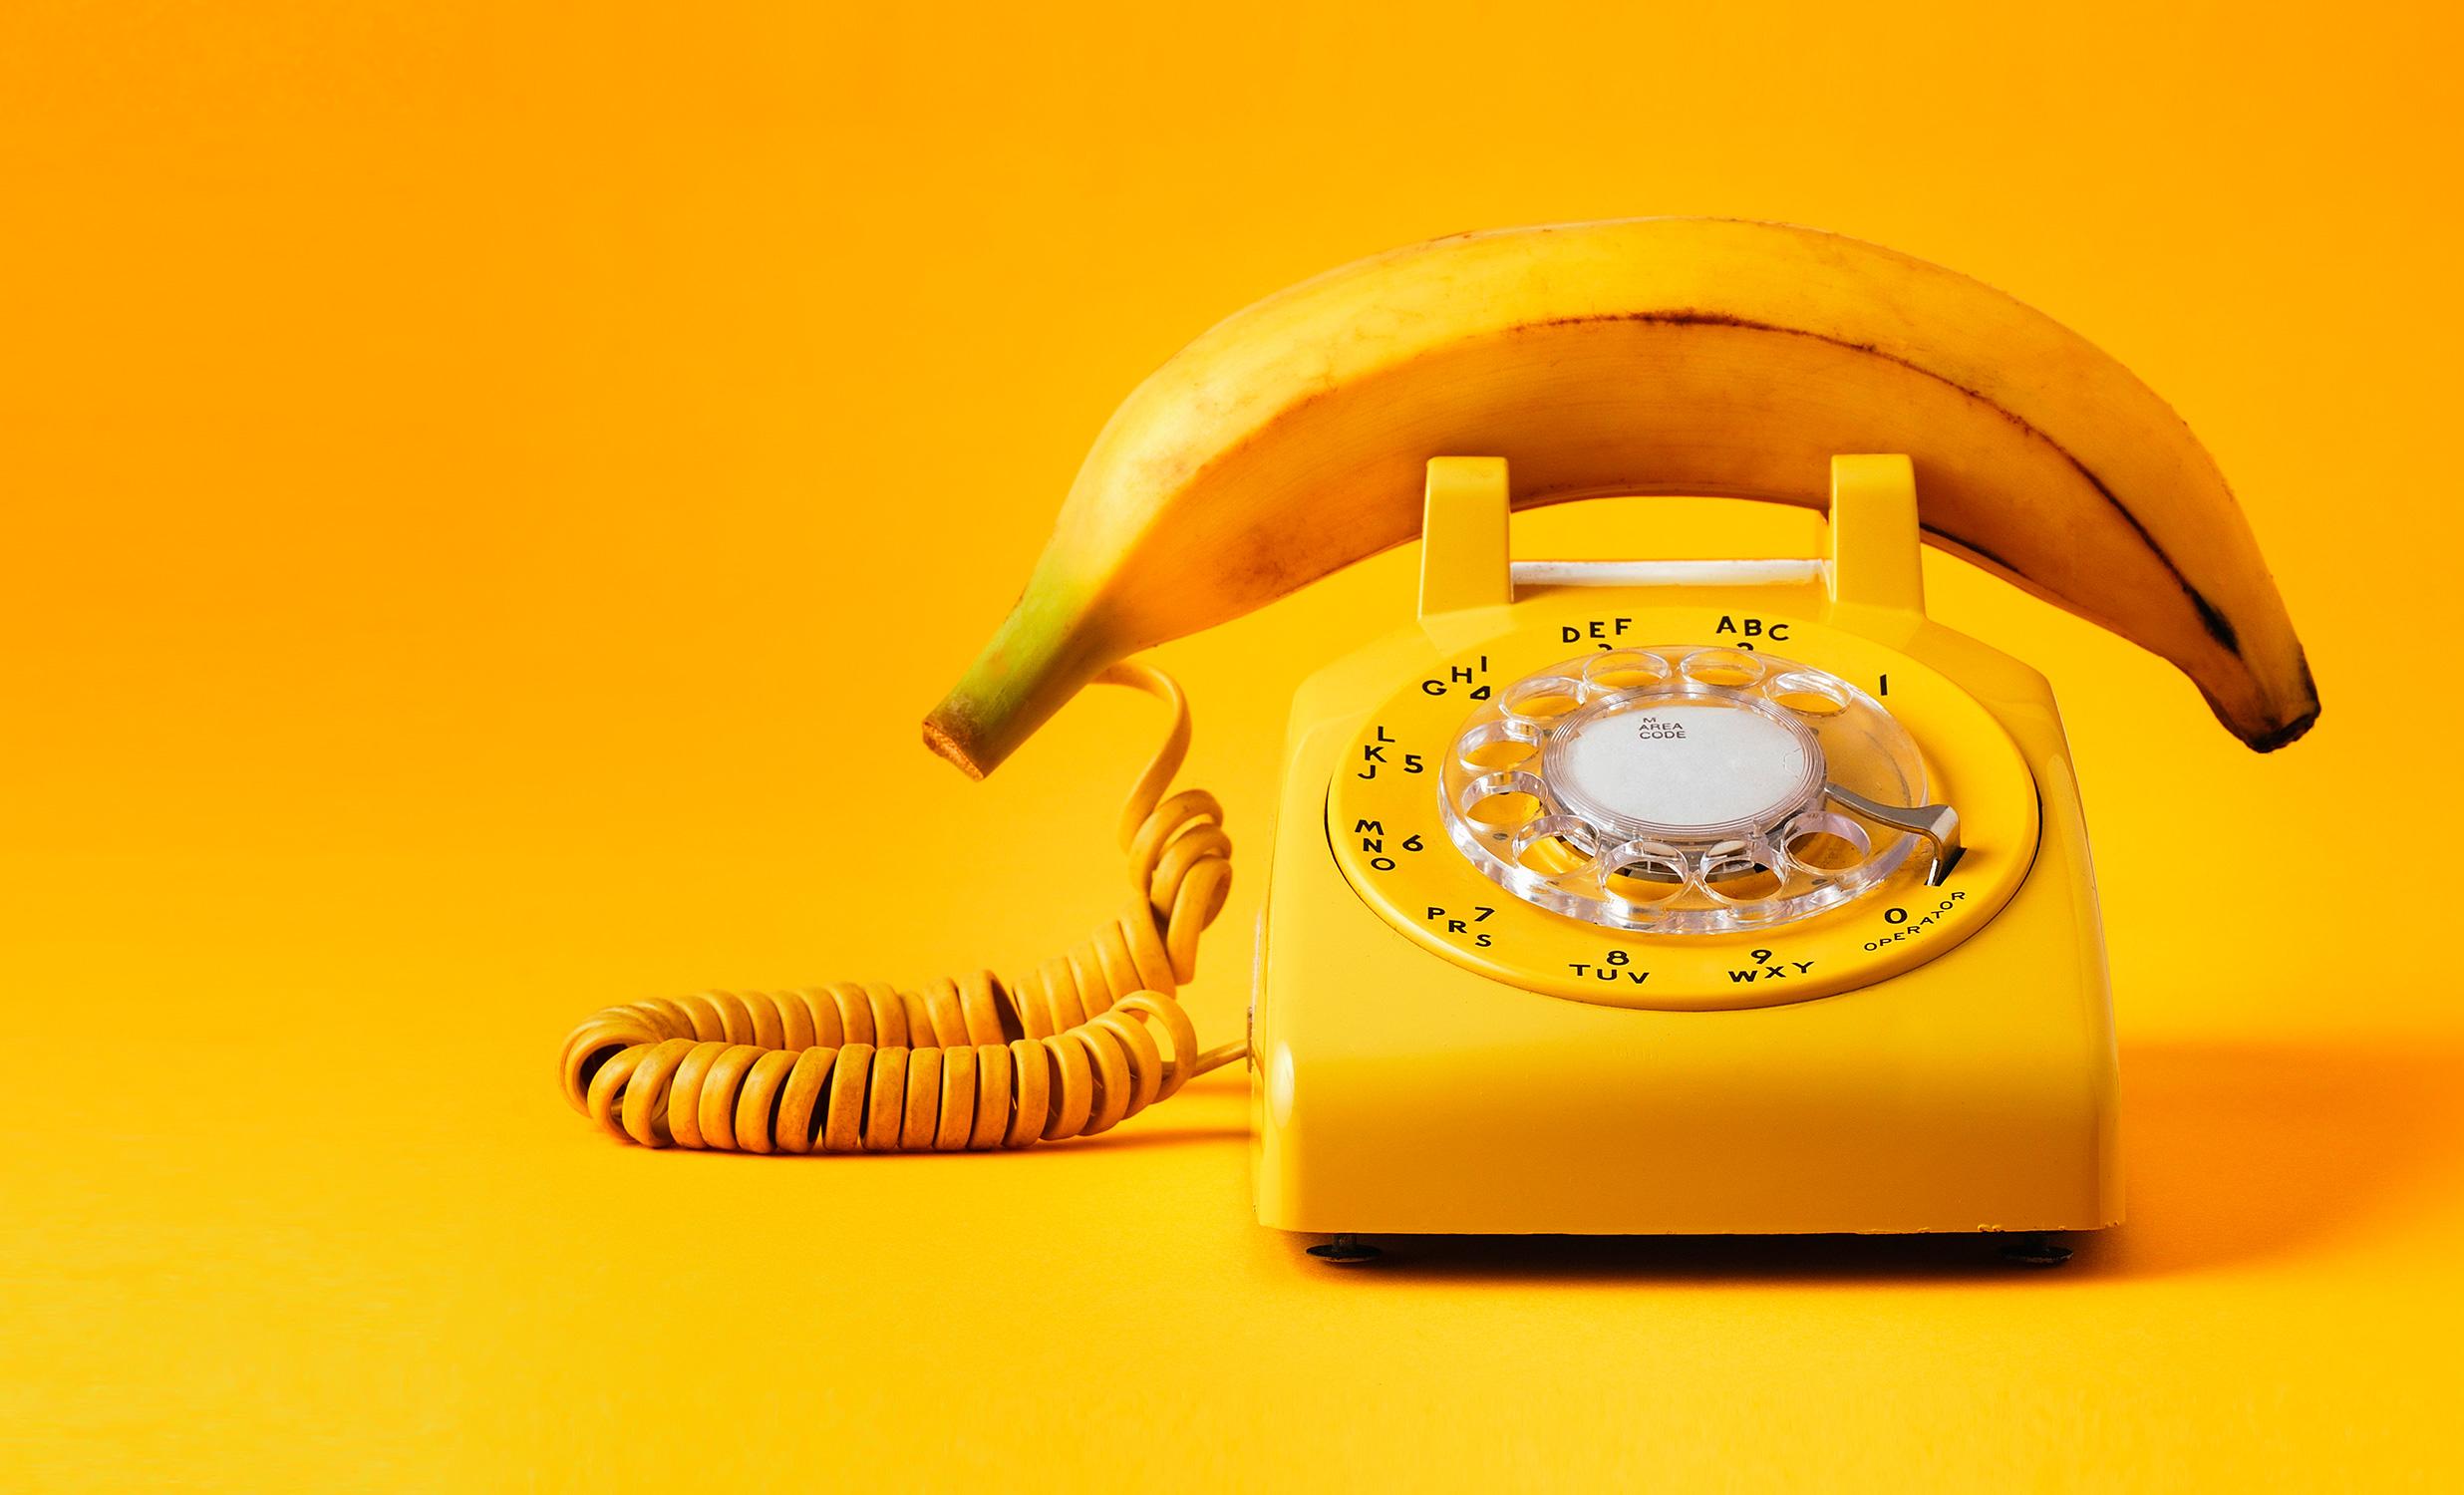 El Libro Amarillo Tendencias de Color Primavera 2021 Amarillo teléfono con plátano